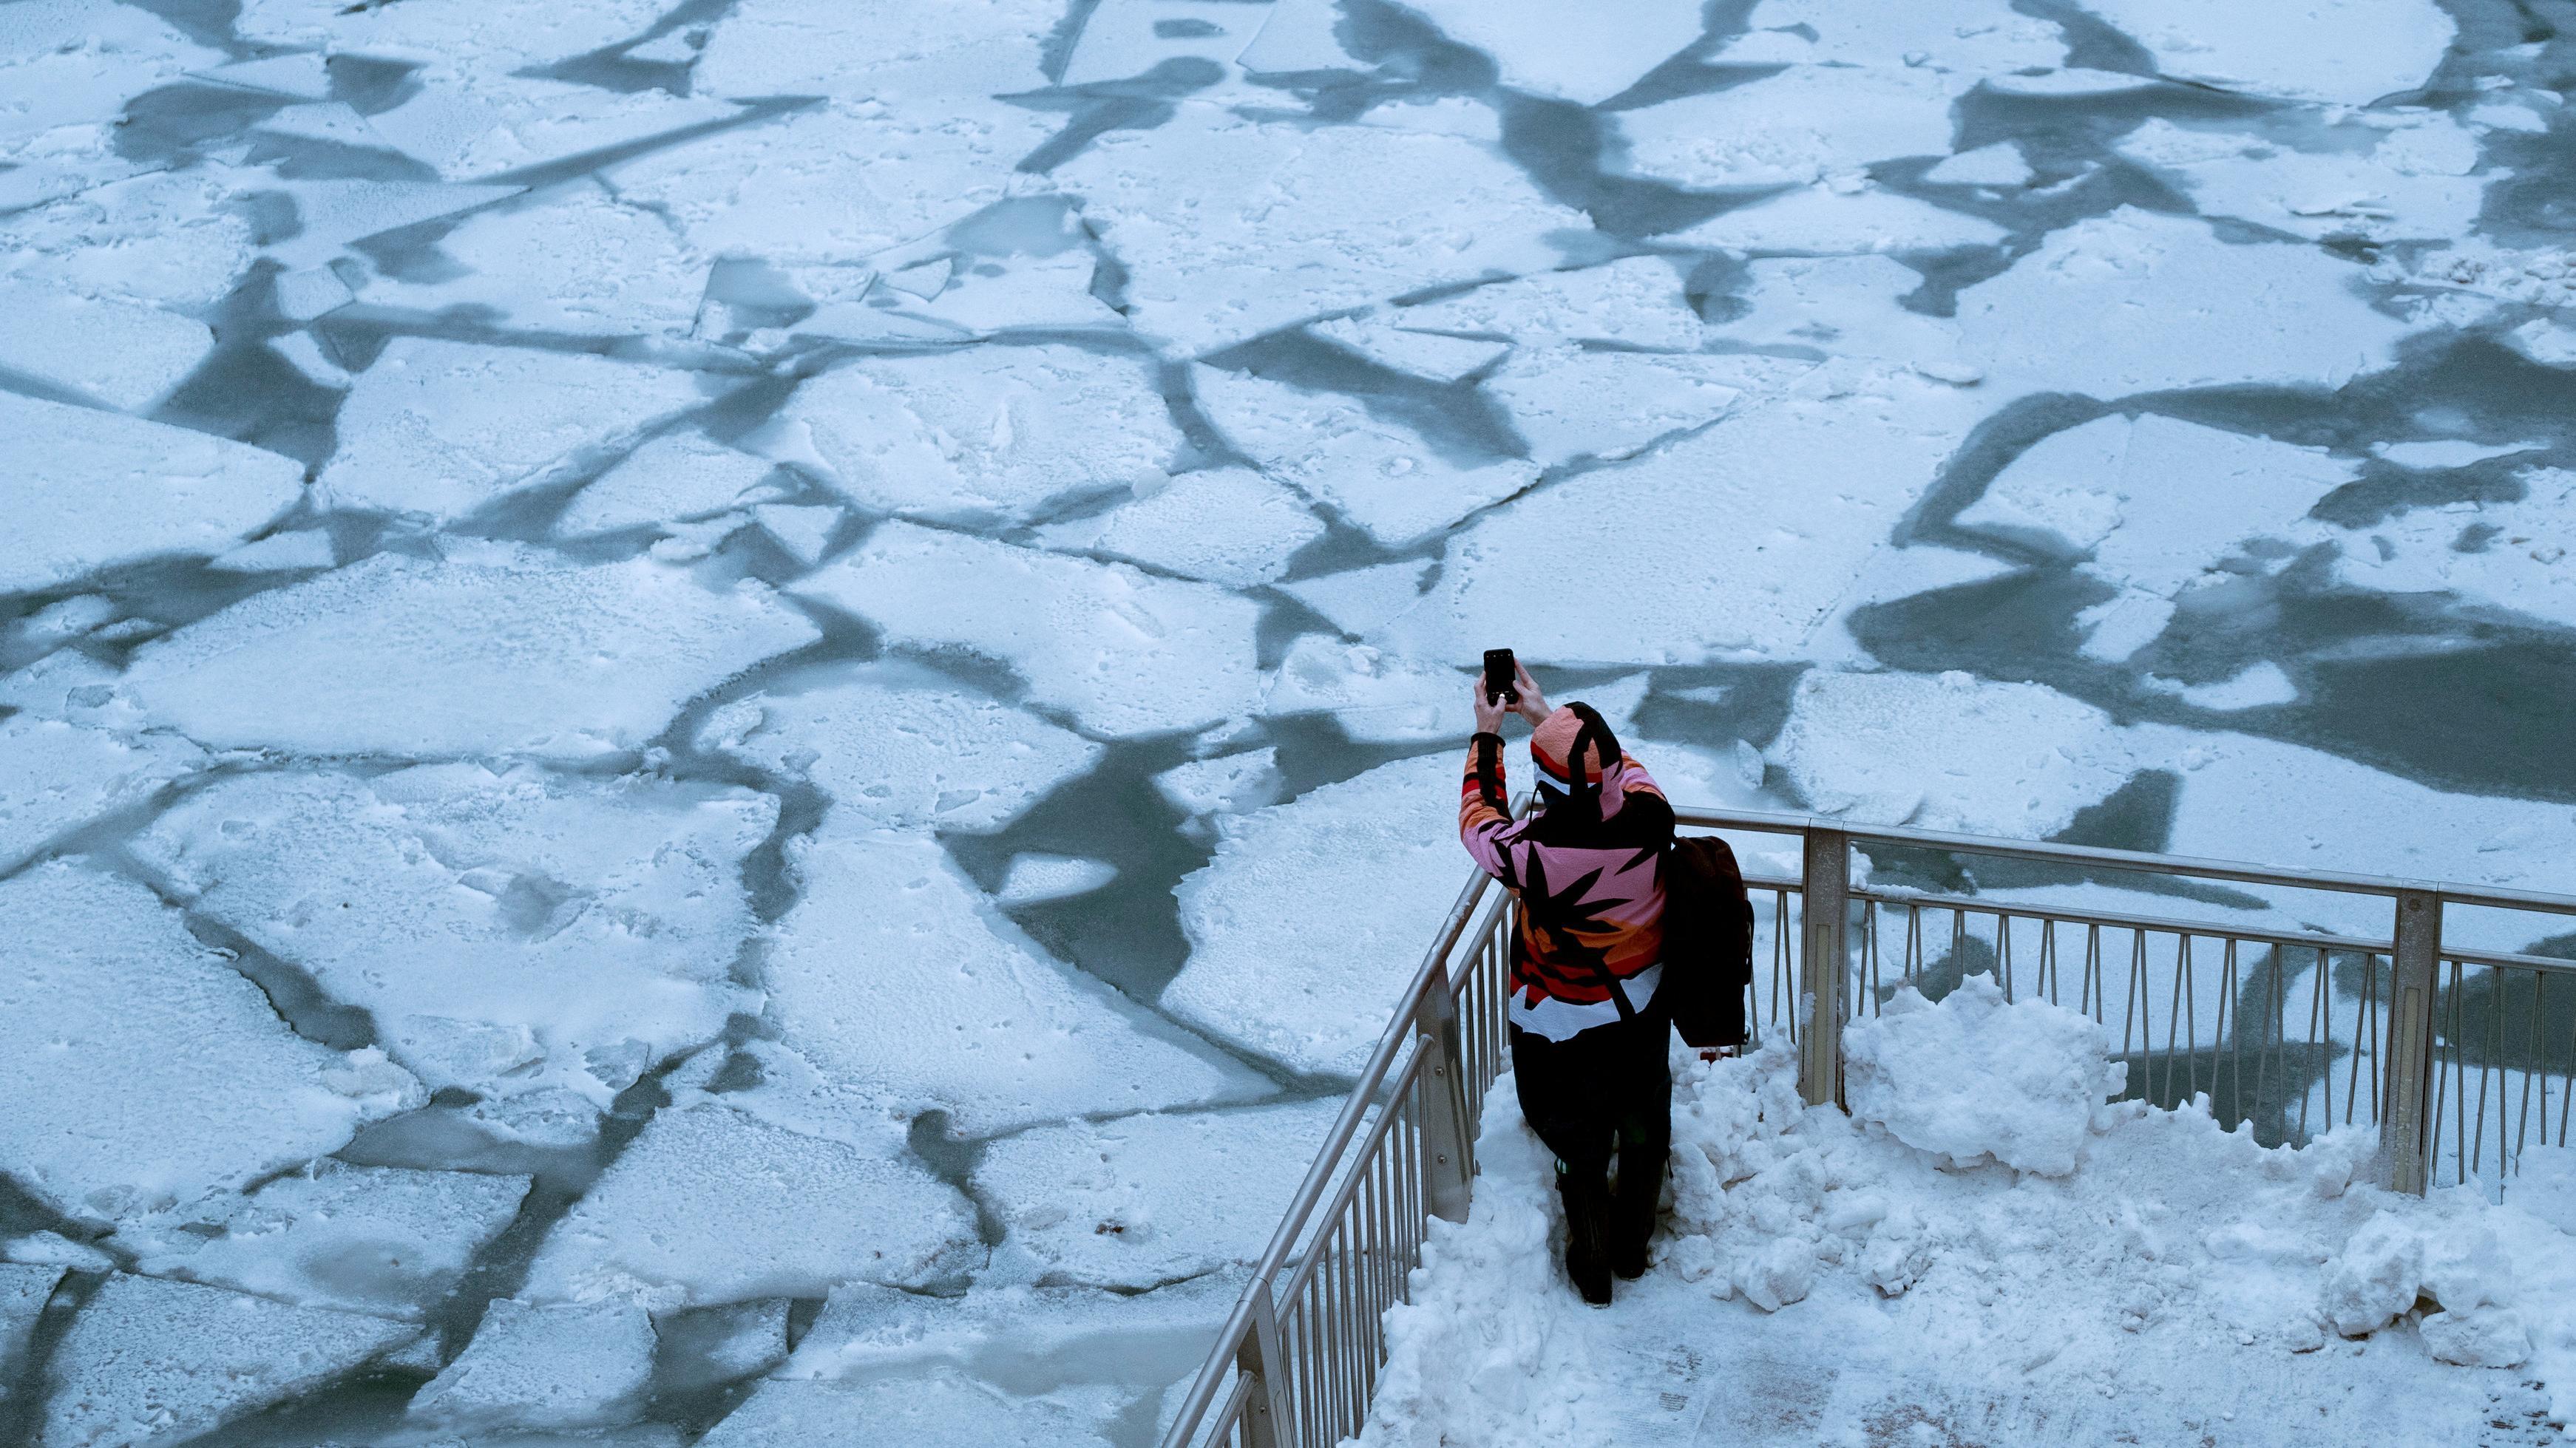 Eine Passantin fotografiert Eisschollen auf dem Chicago River